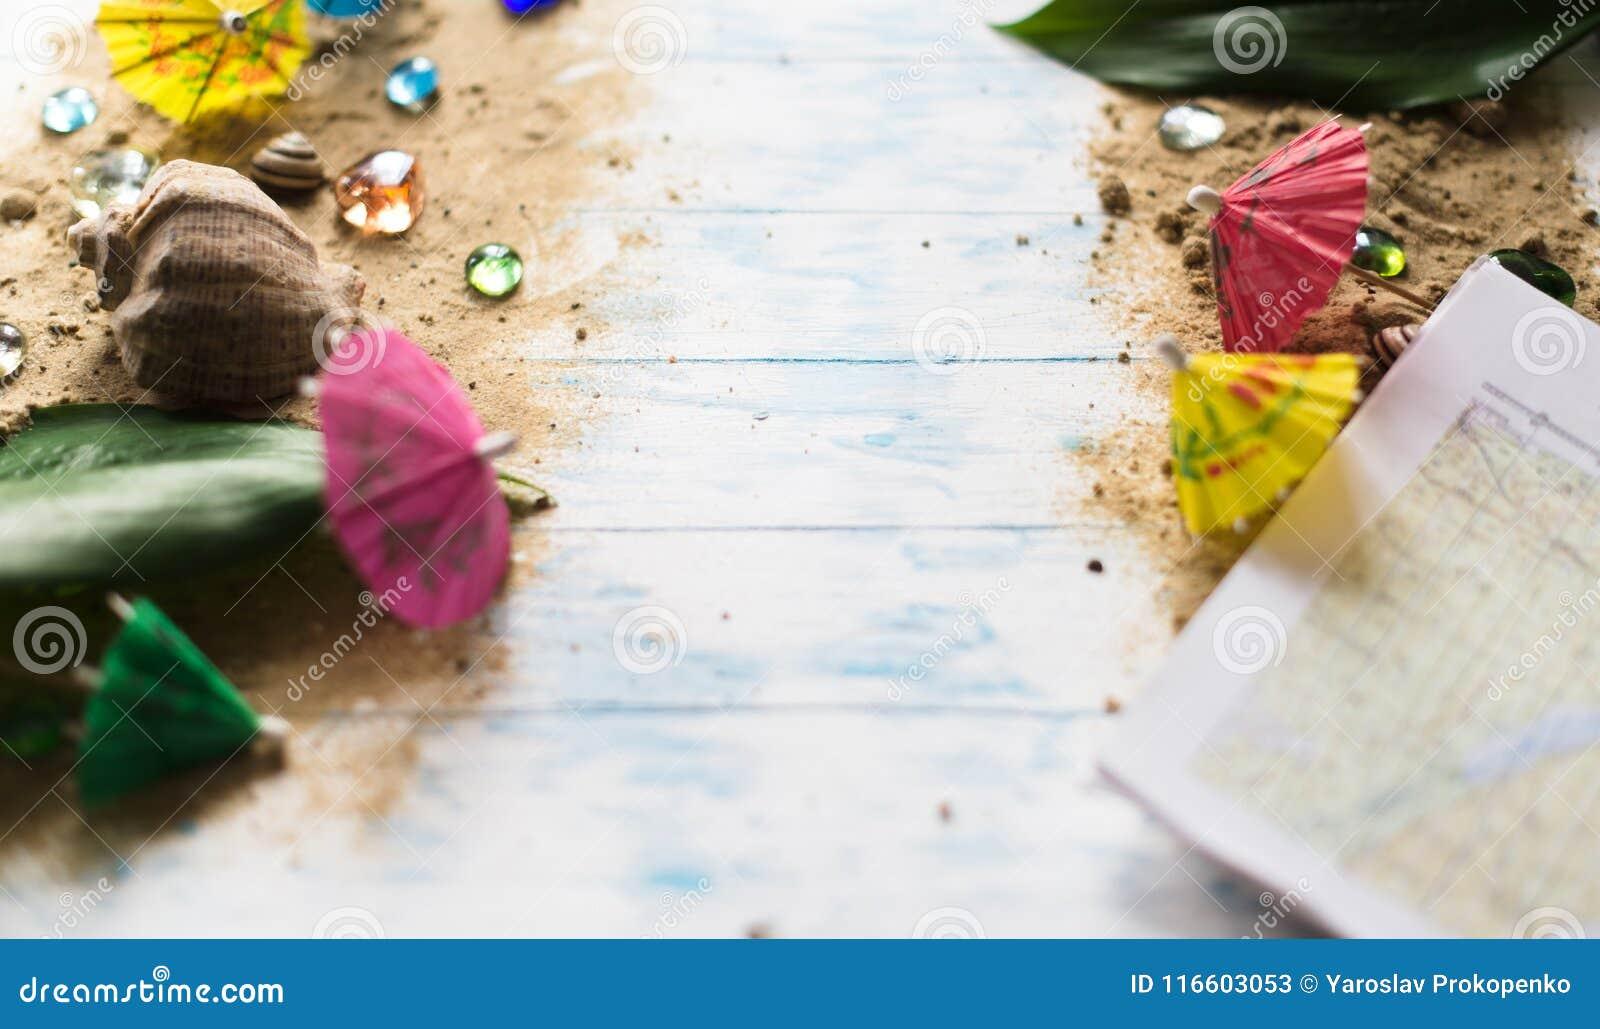 背景概念框架沙子贝壳夏天 鸡尾酒的伞在木背景的沙子与小卵石